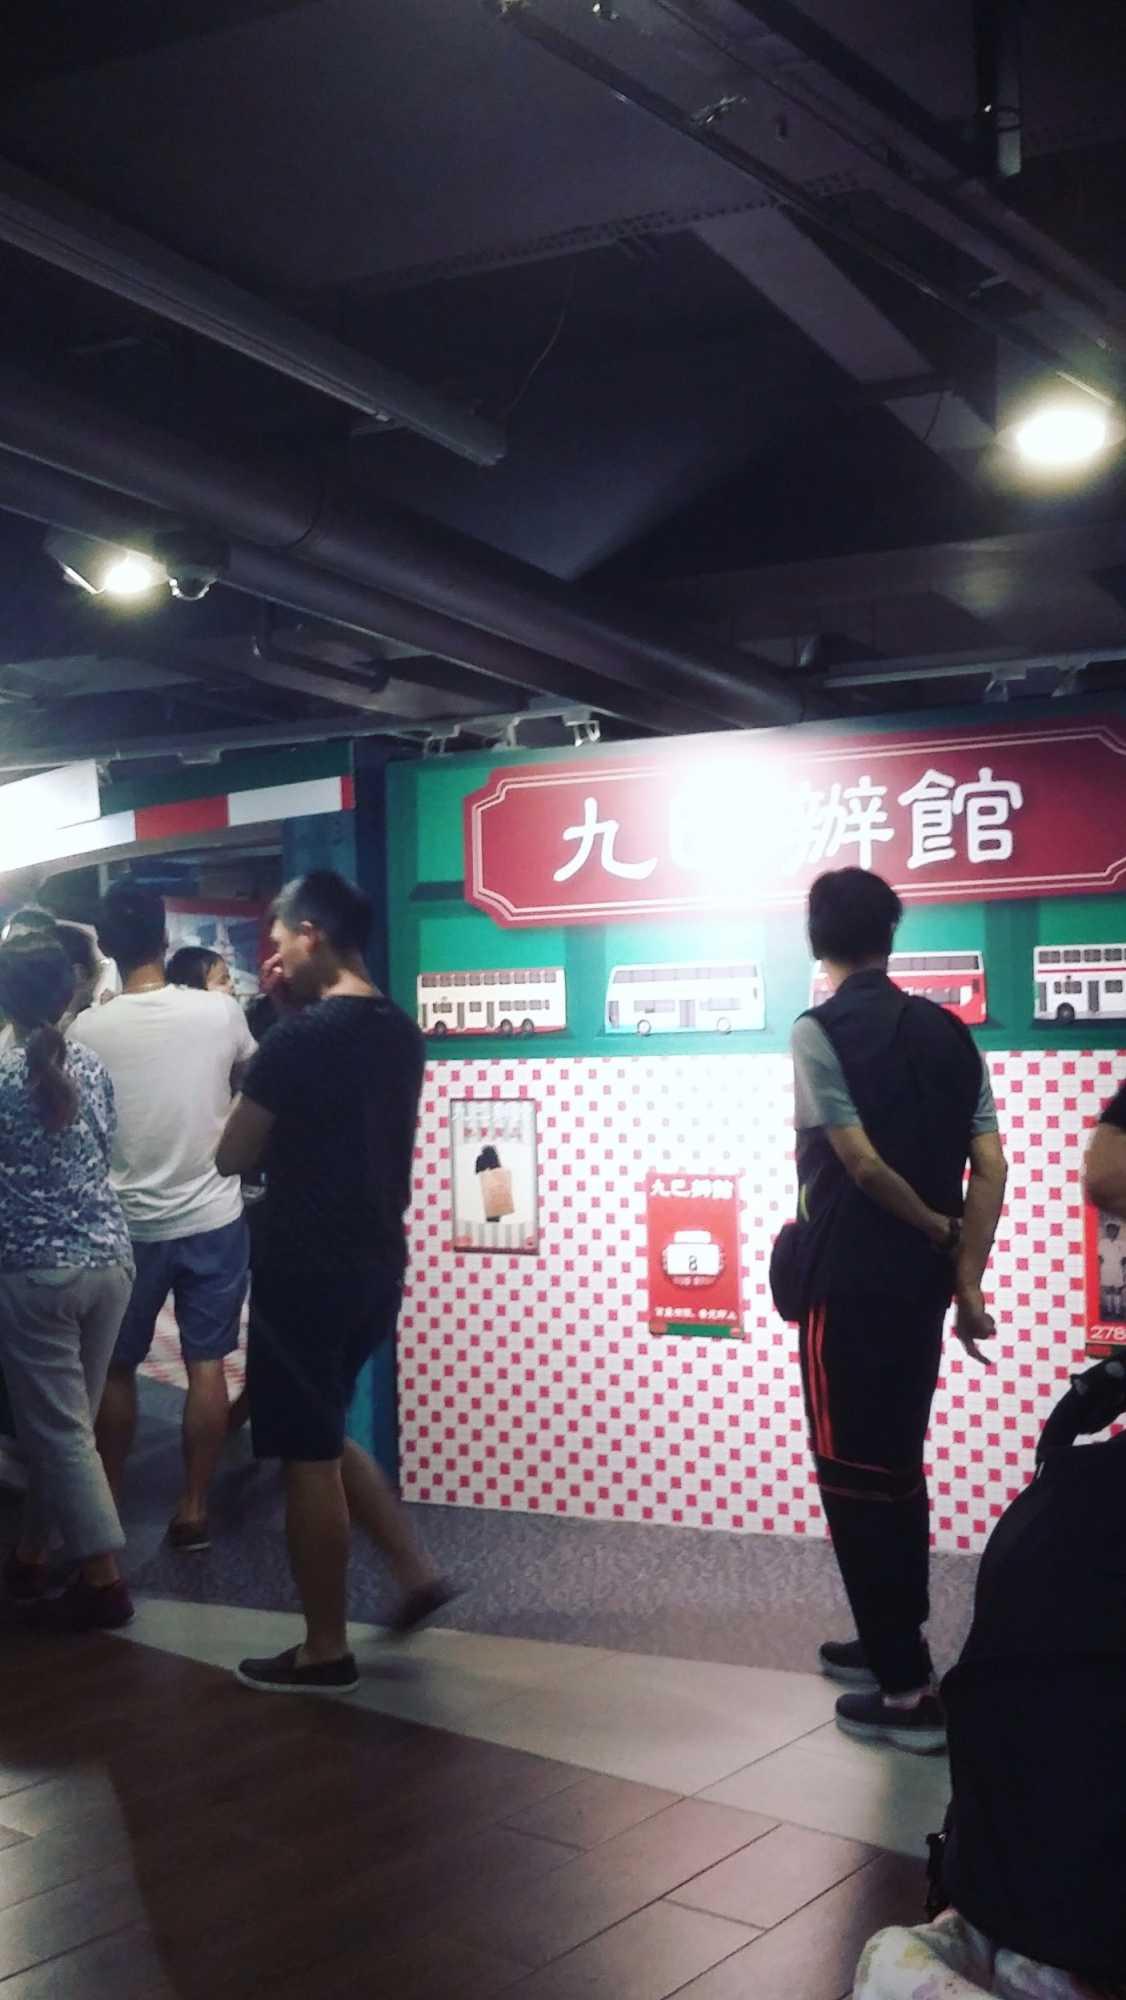 九巴辦館@D2place - 巴士攝影作品貼圖區 (B3) - hkitalk.net 香港交通資訊網 - Powered by Discuz!